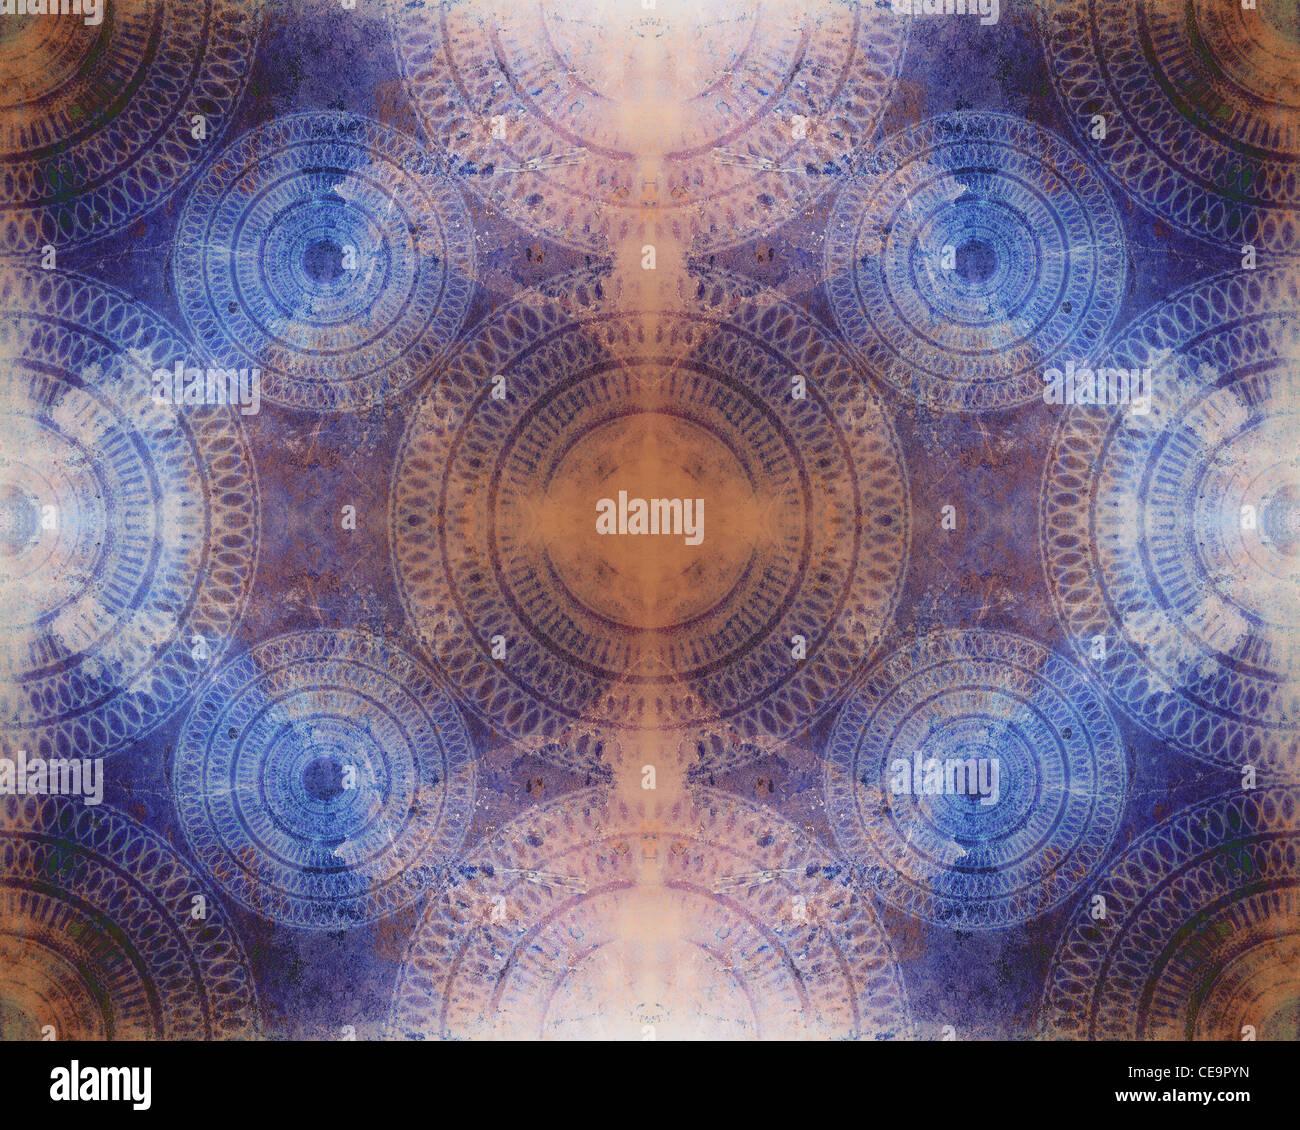 Eine sehr detaillierte und komplizierte nahtlose abstrakte Textur Hintergrundbild mit Mandala Spiralmuster. Stockbild